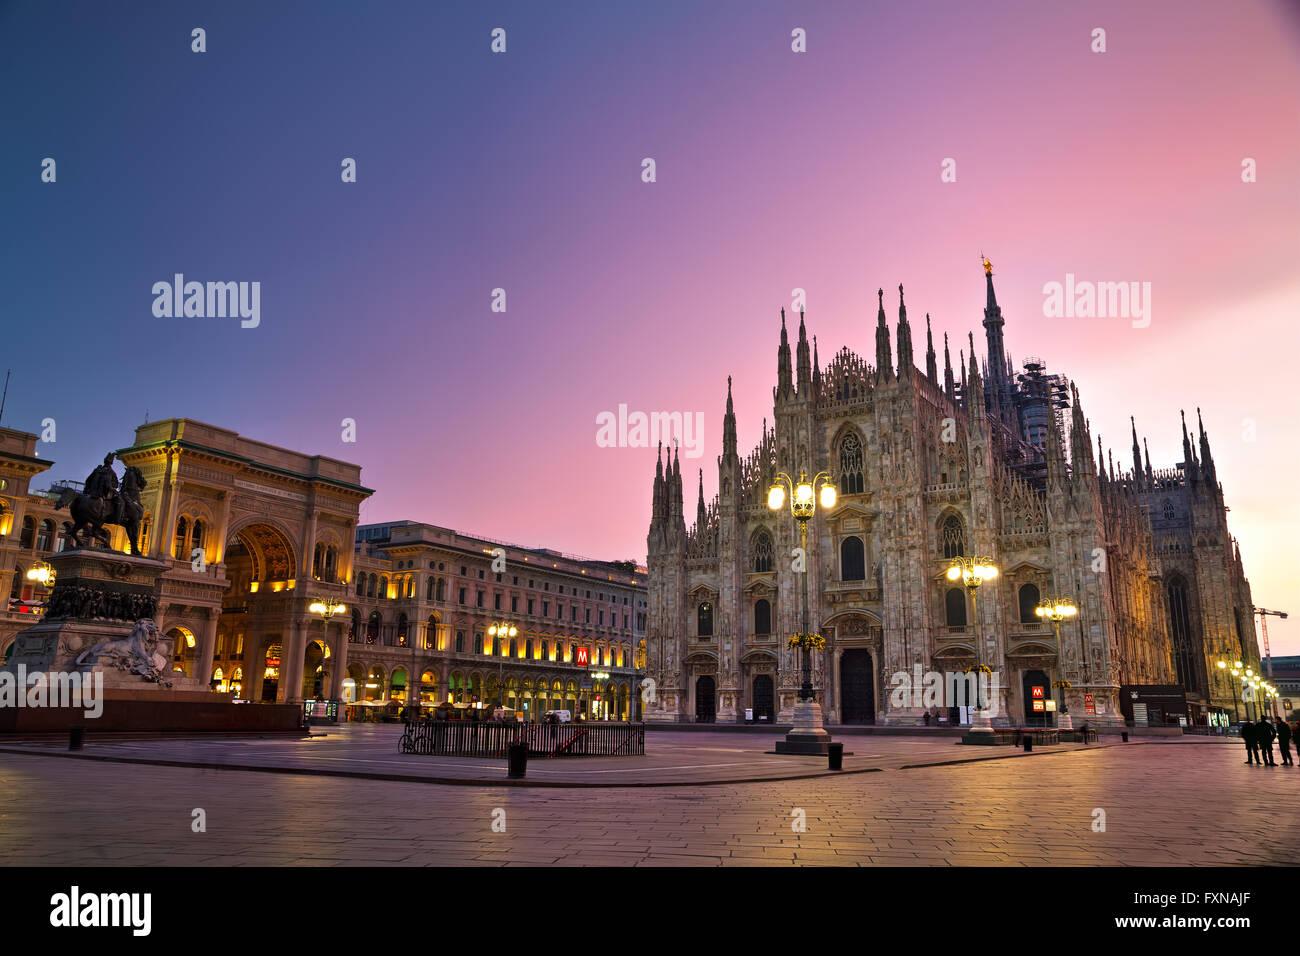 Milano, Italia - 25 novembre: il Duomo con la gente la mattina presto il 25 novembre 2015 a Milano, Italia. Immagini Stock